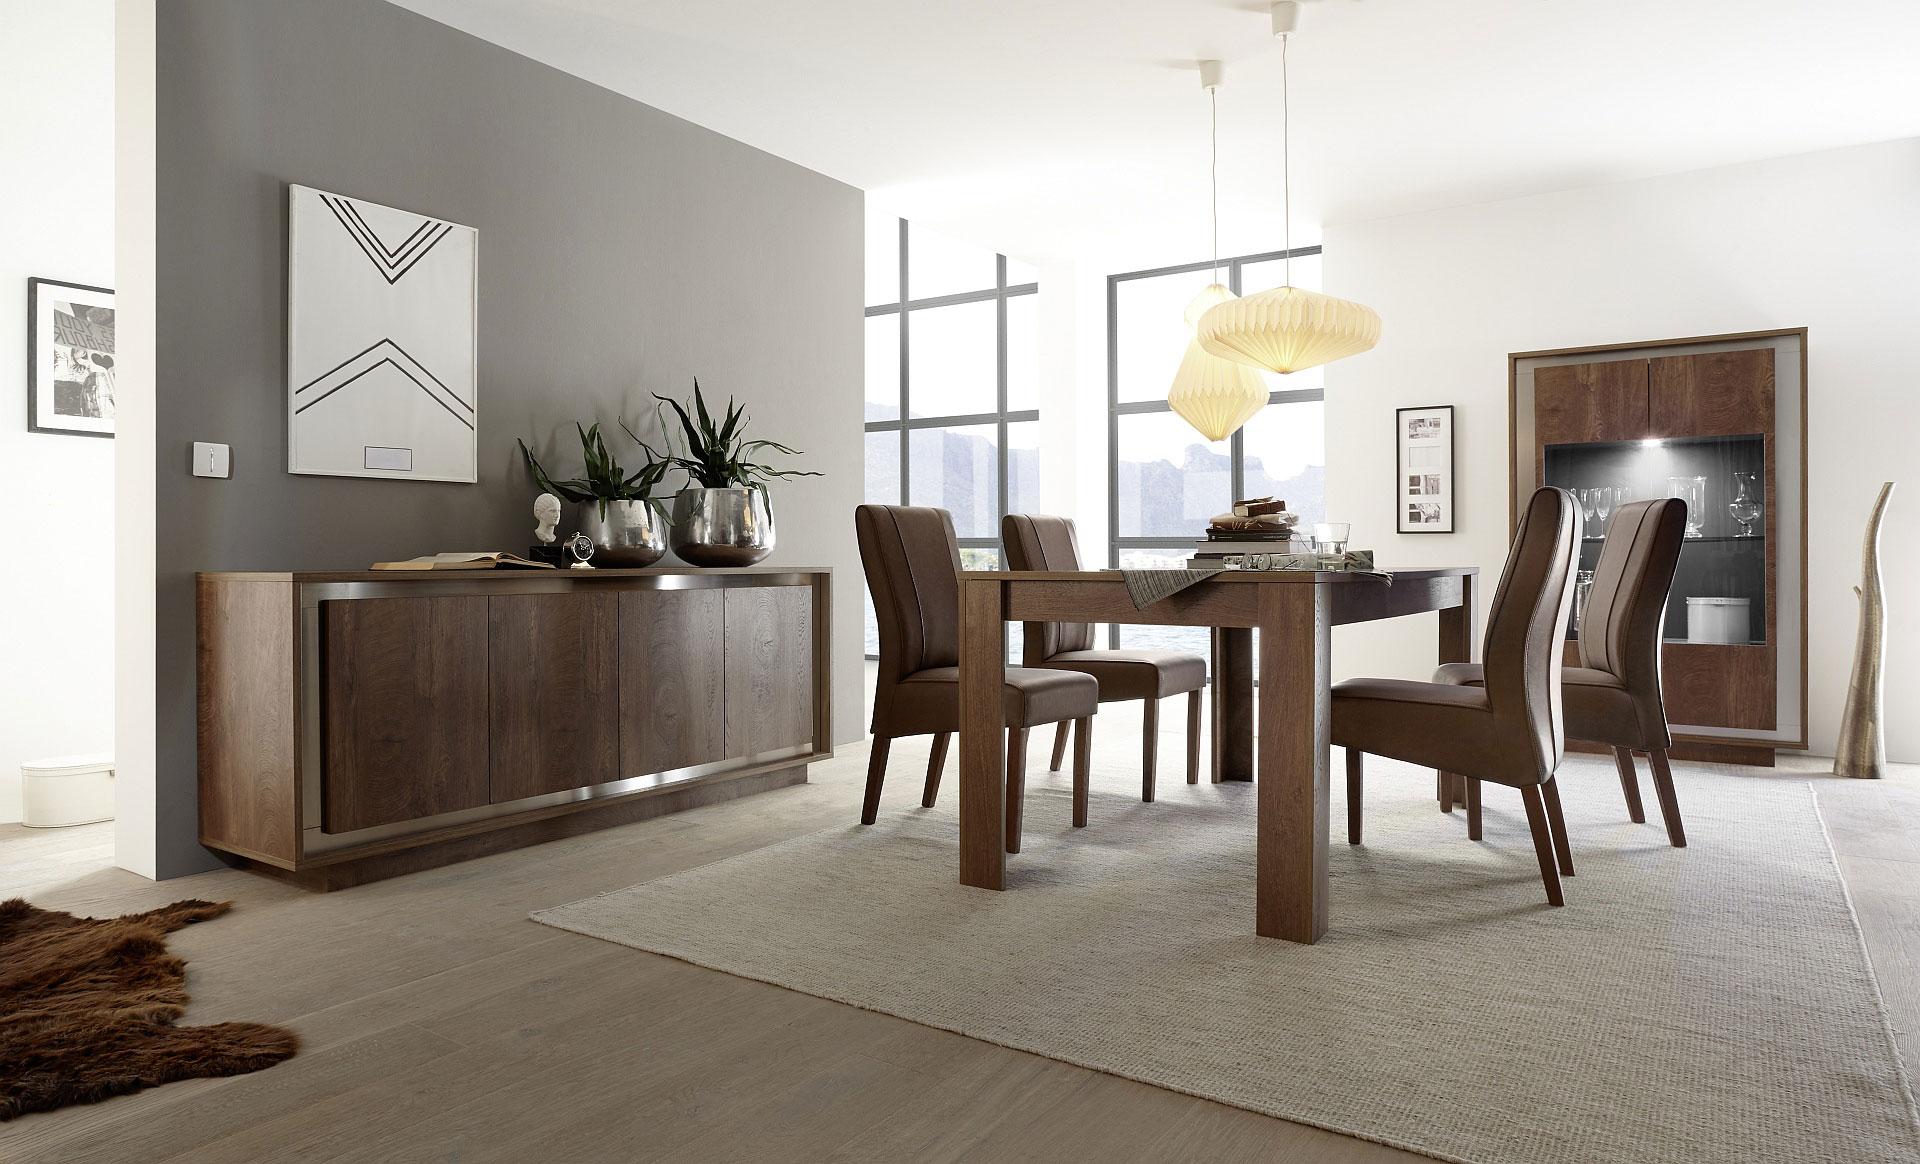 Salle à manger design coloris cognac/décor métal satiné Alizee